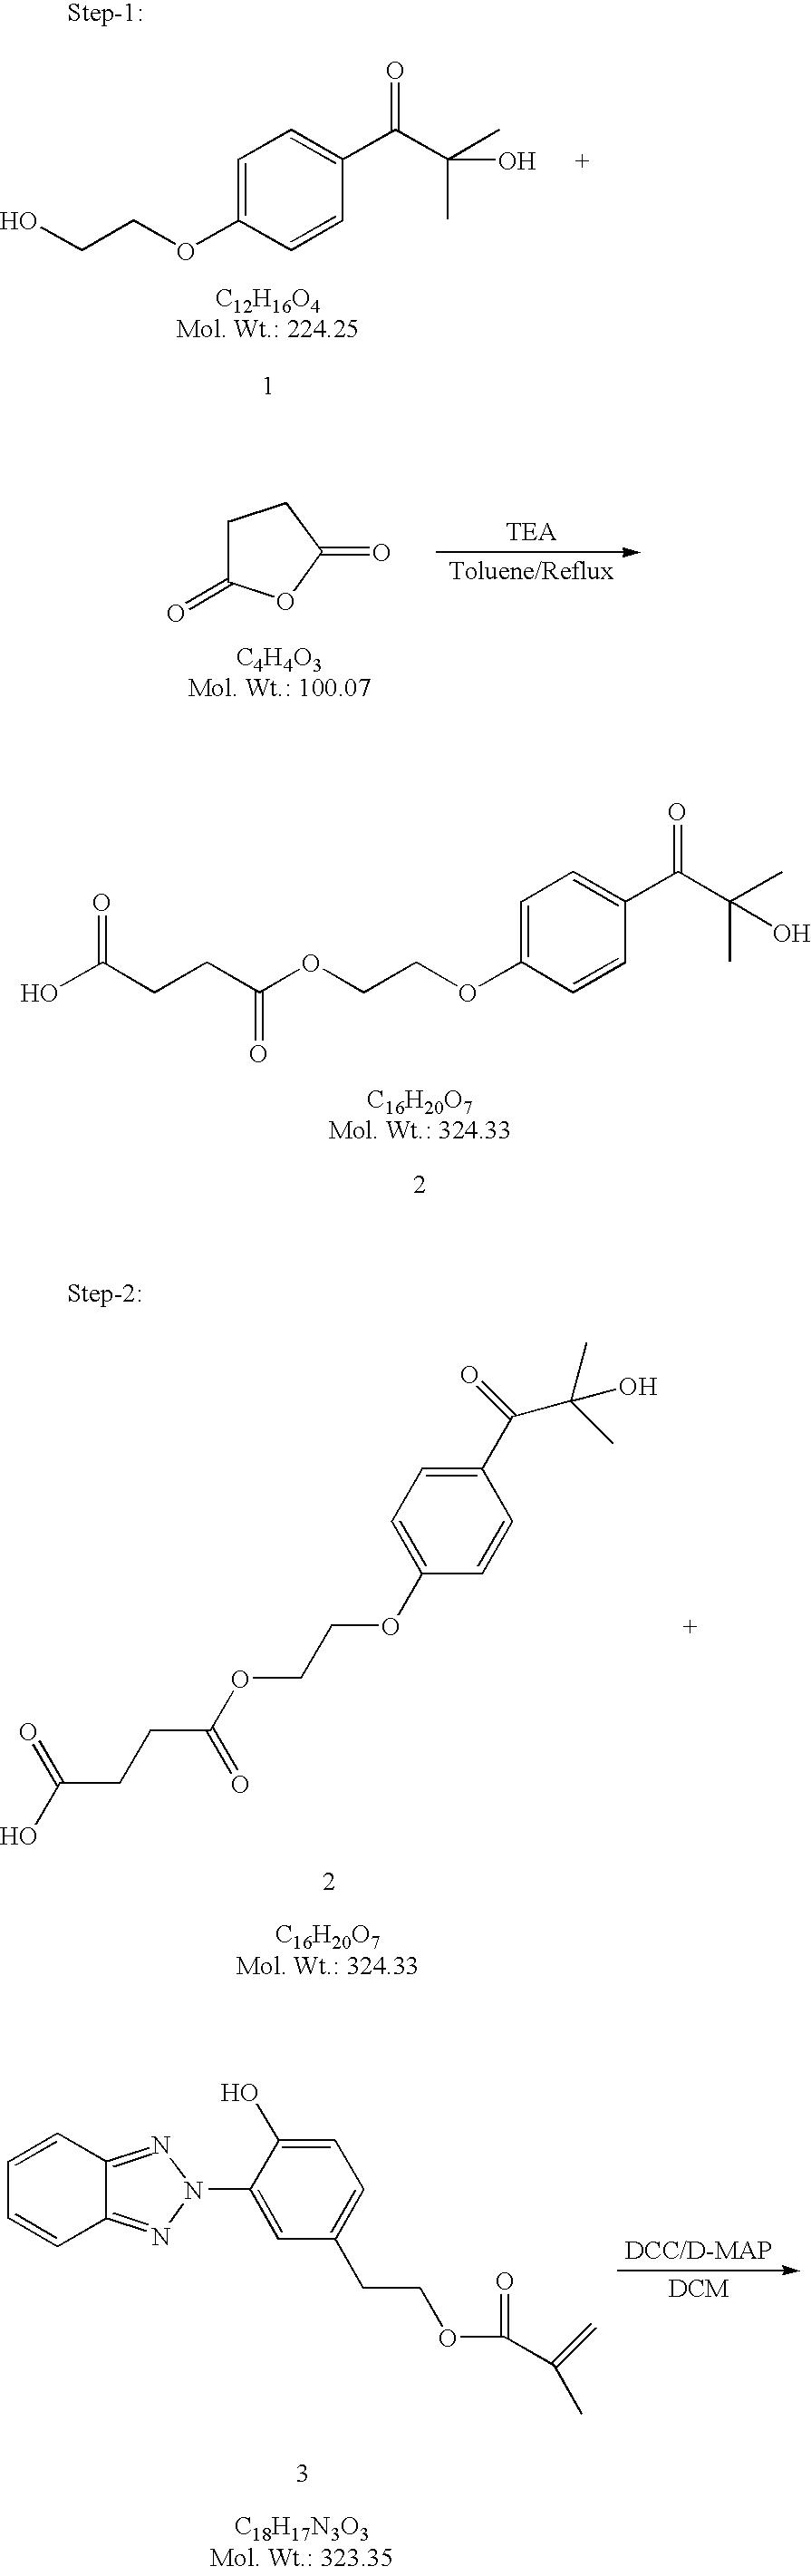 Figure US20100168359A1-20100701-C00027